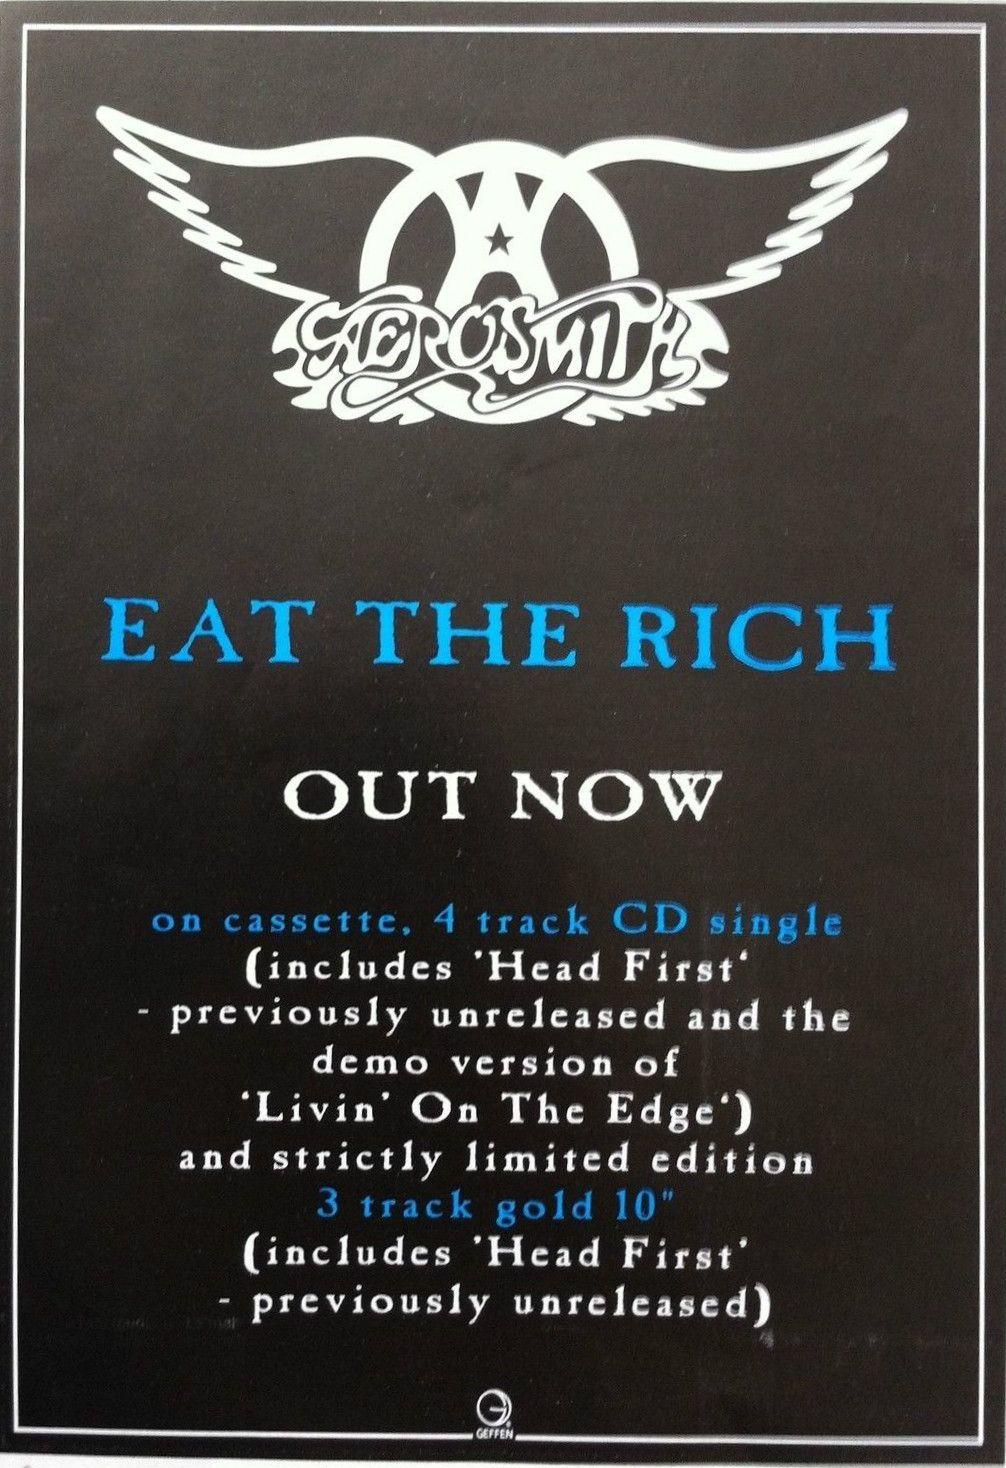 Aerosmith Promotional Ad